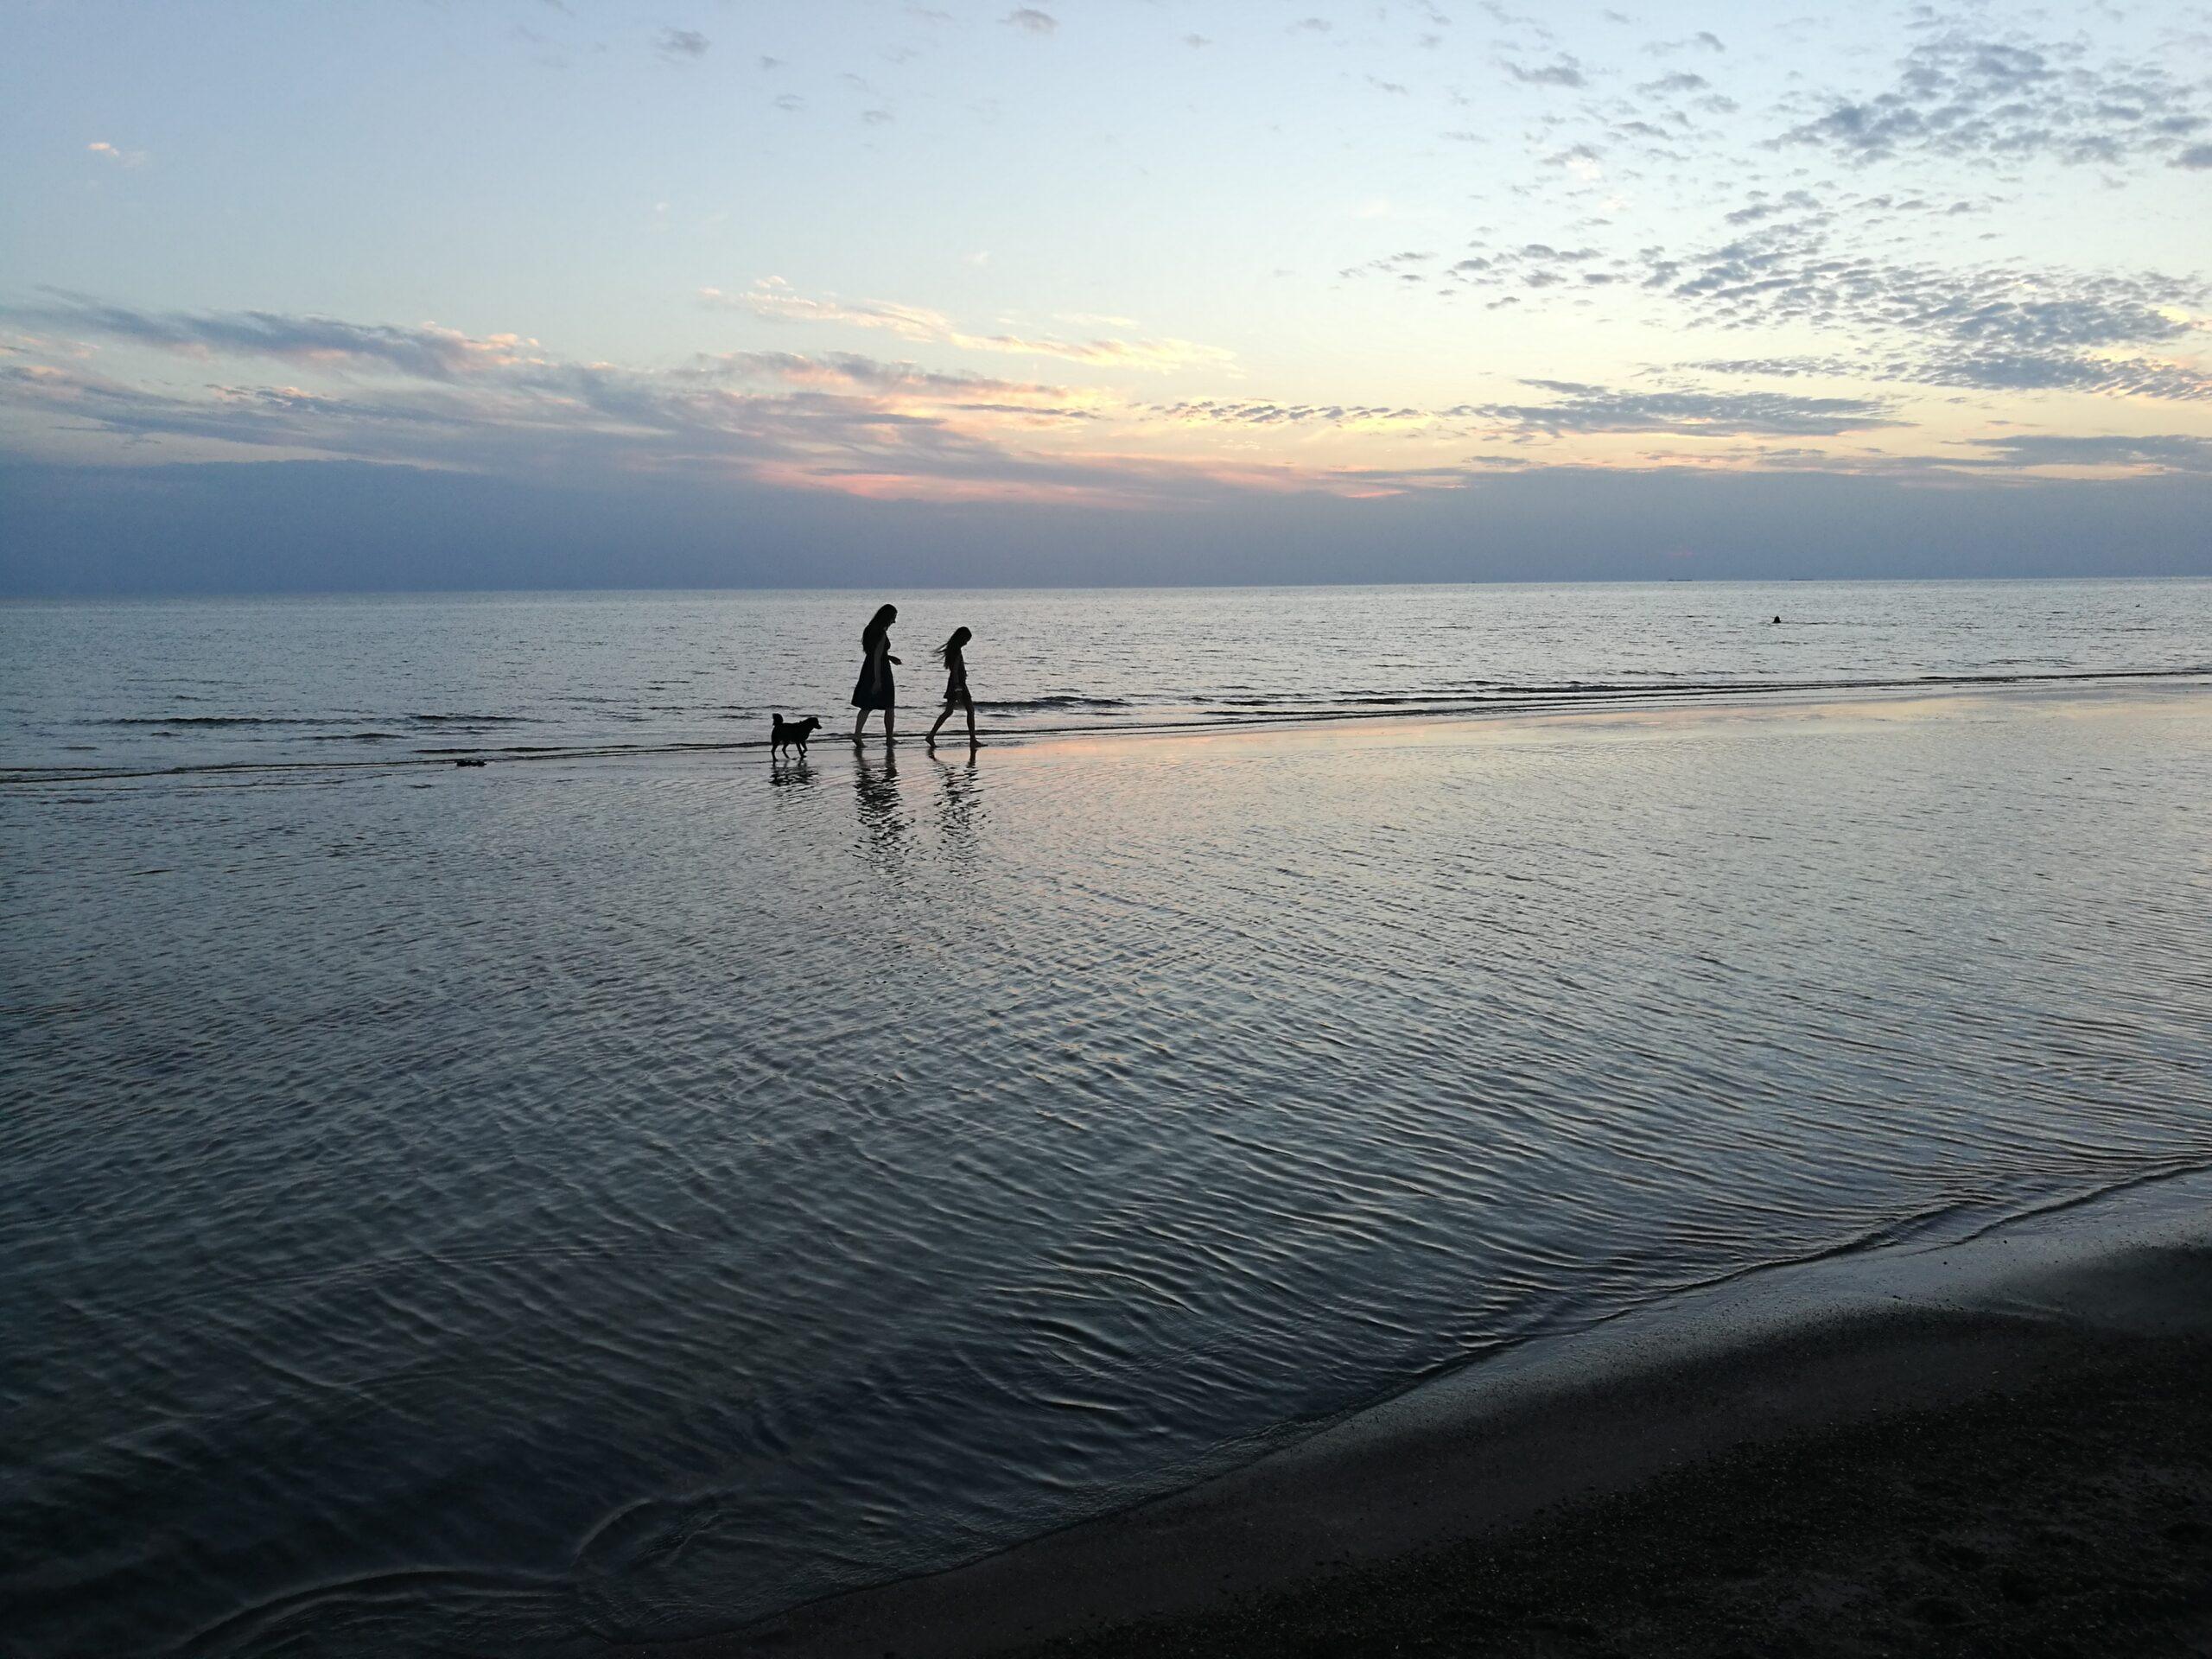 Tolumoje pajūriu eina moteris, vaikas ir šuo. Vakaras, prieš pat saulėlydį.